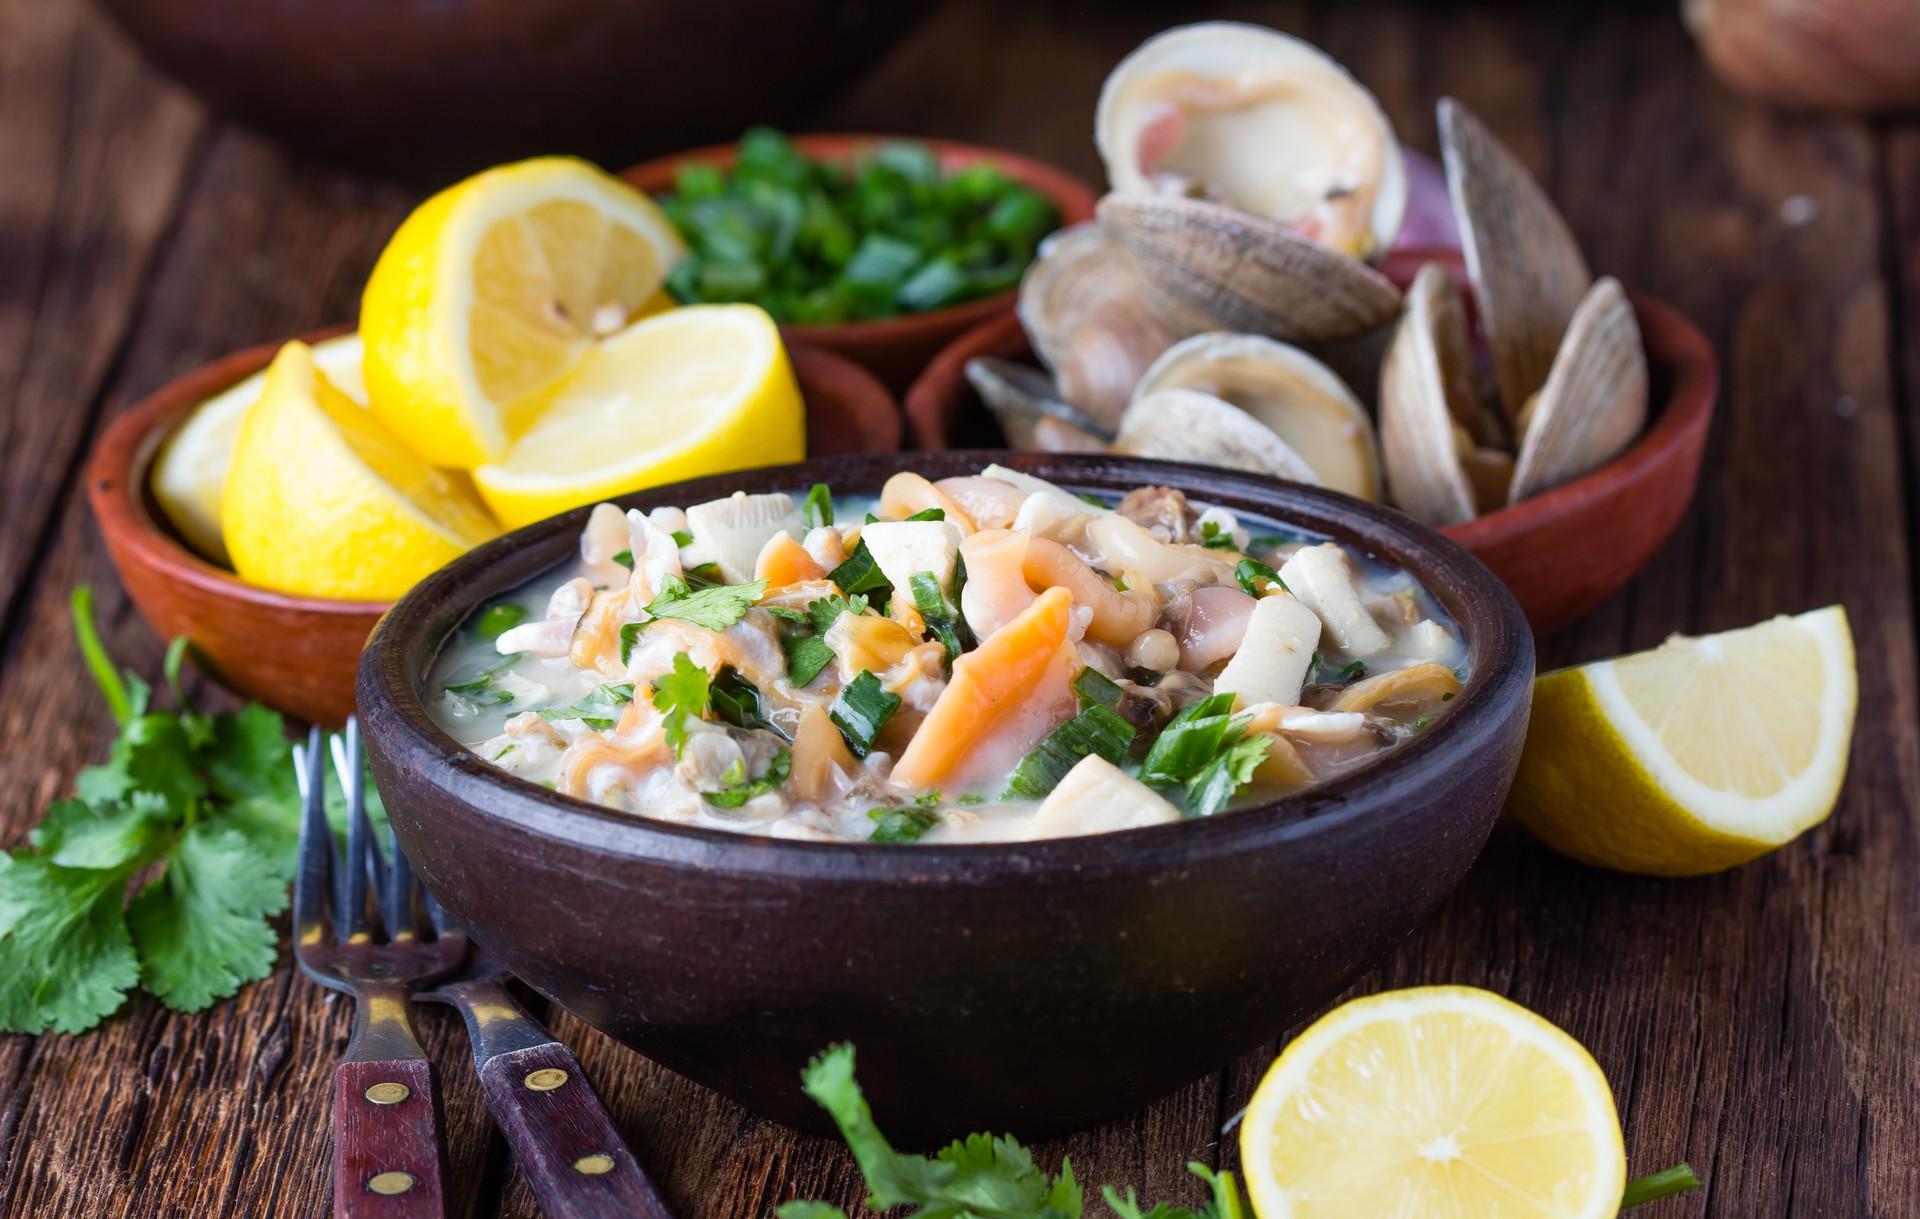 Yazı:Gastronomi Dünyasının Parlayan Yıldızı: Peru Mutfağı | Yazan: Pelin Erem